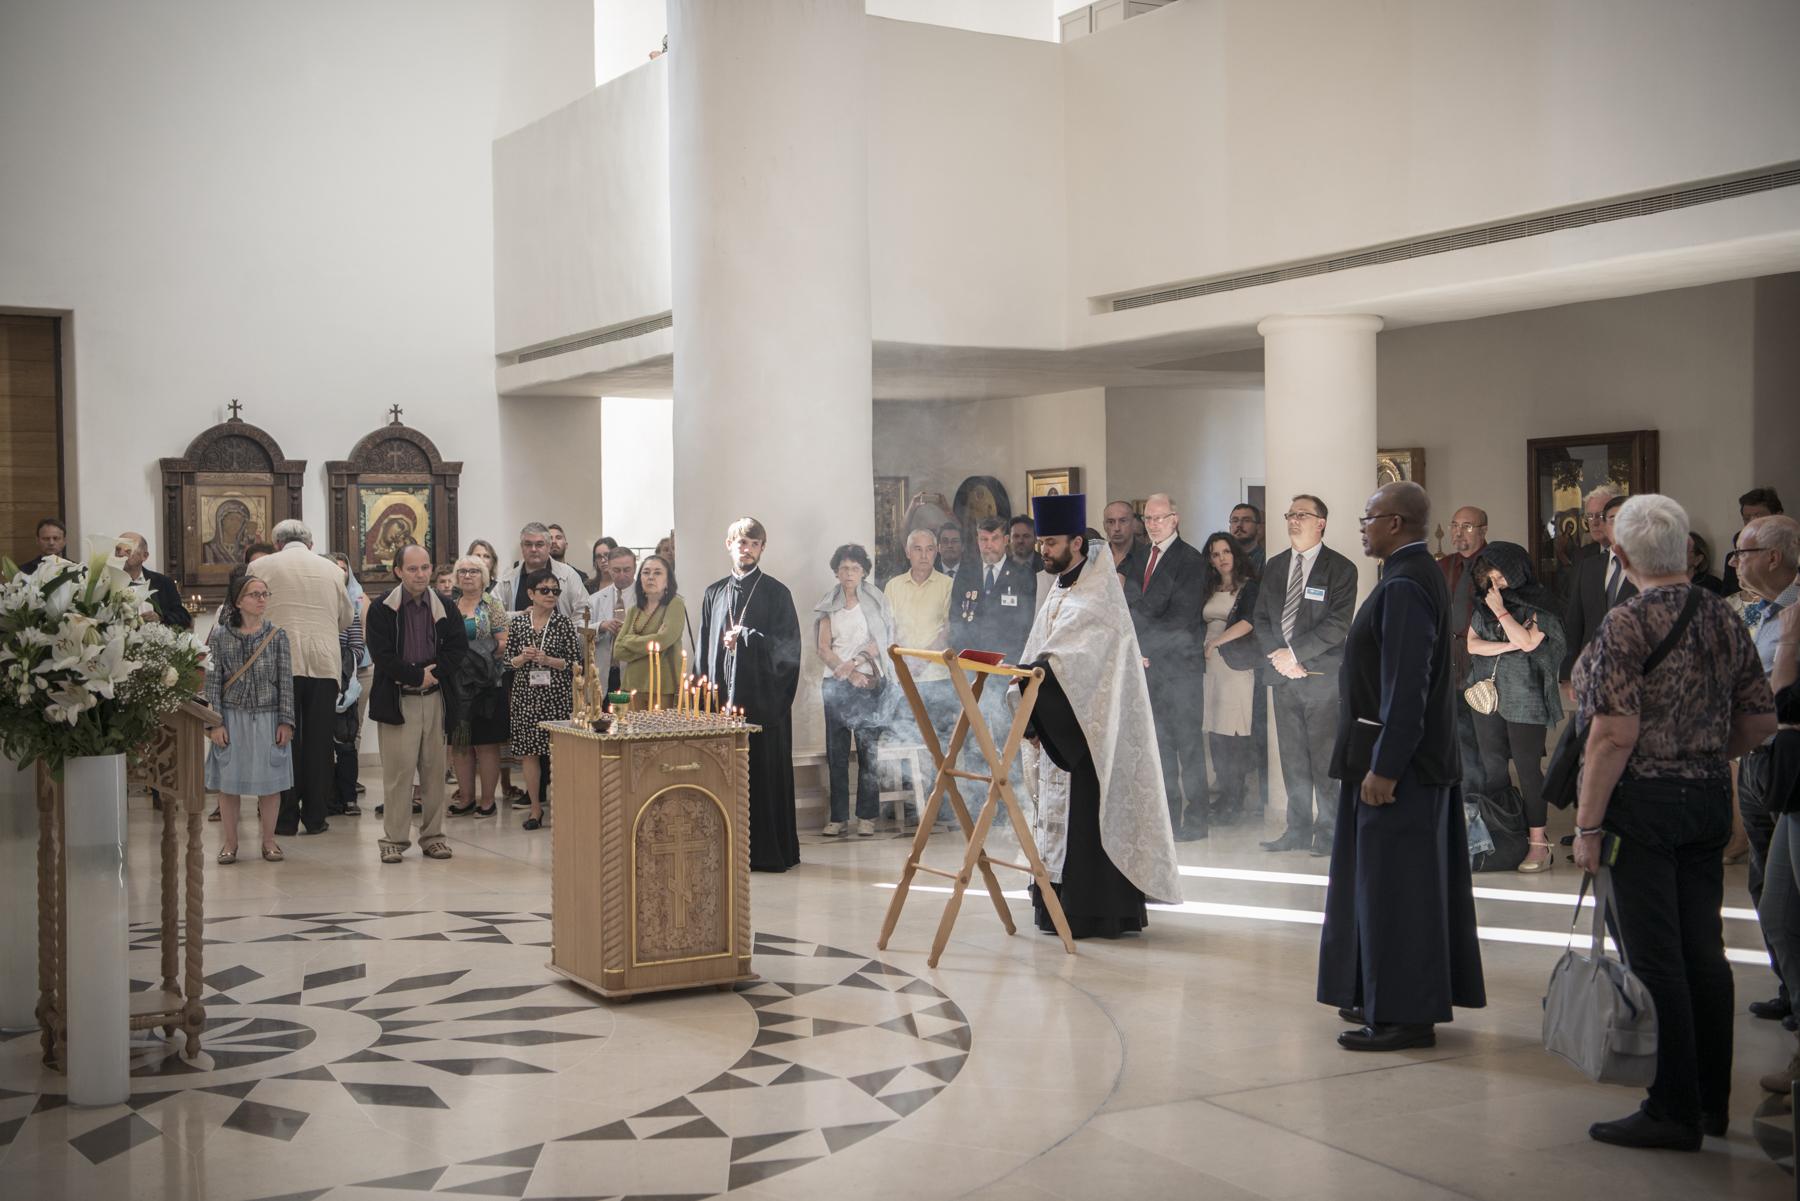 Pannichyde en mémoire des victimes de l'attentat perpétué à Beslan (Ossétie du Nord)